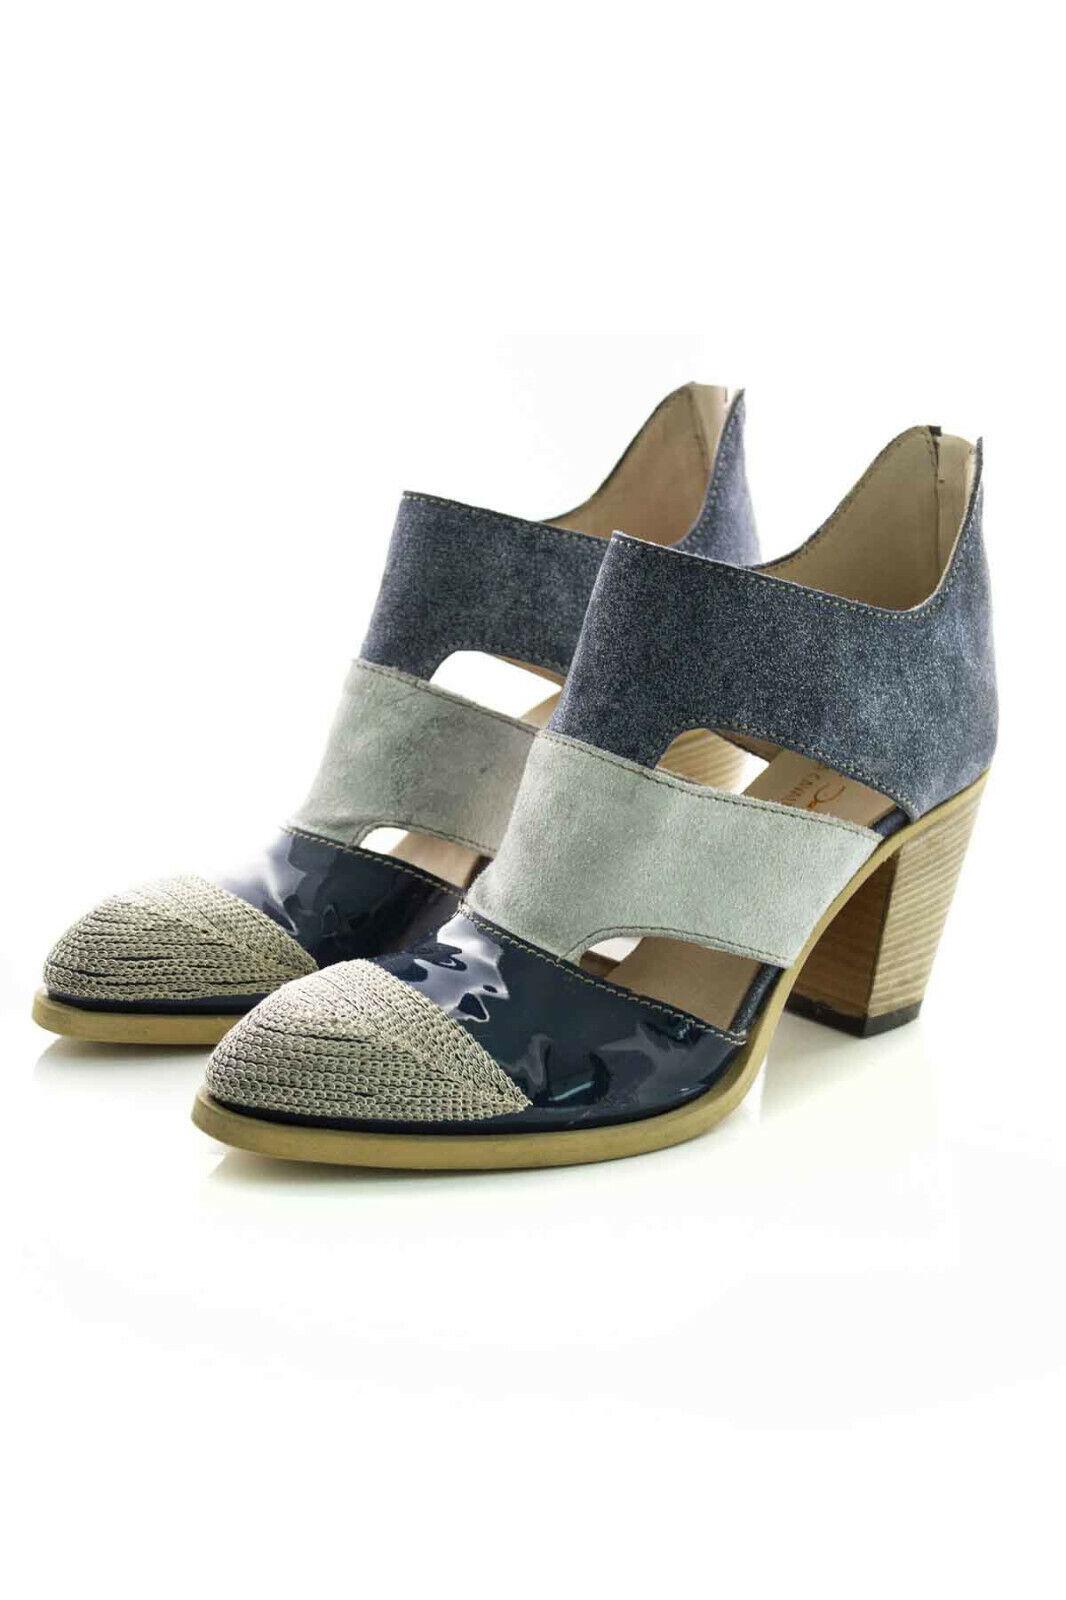 ELISA CAVALETTI Stiefeletten Schuhe schuhe Ortensia Gr. 38 FS2019